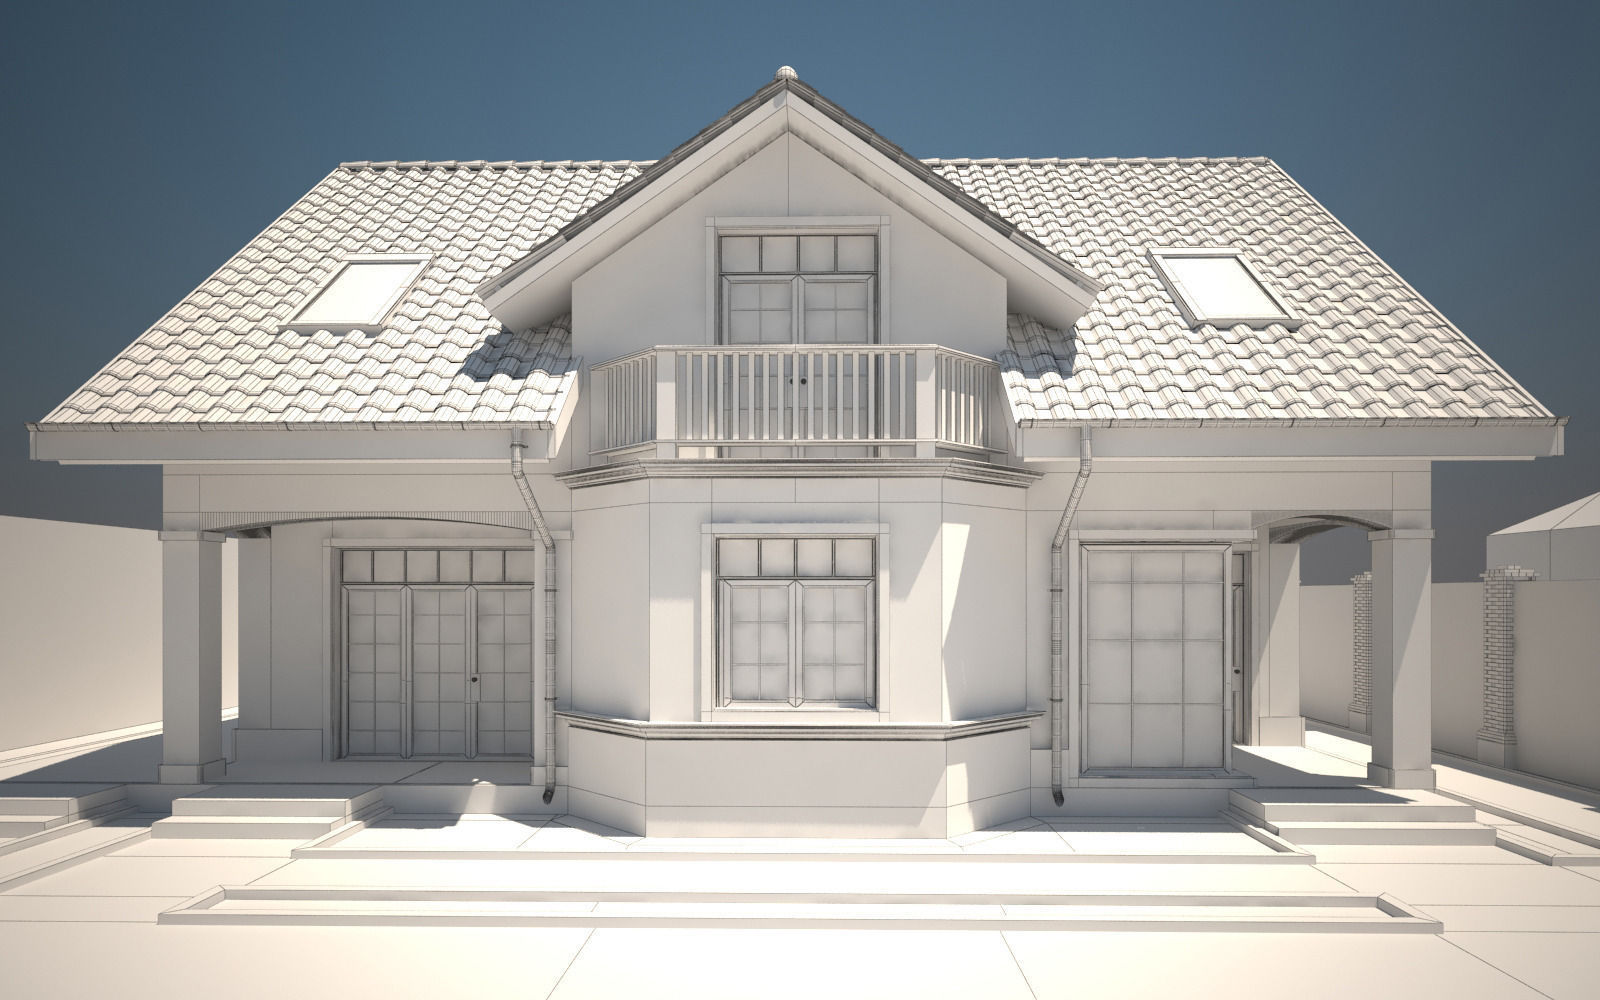 3d modeling houses